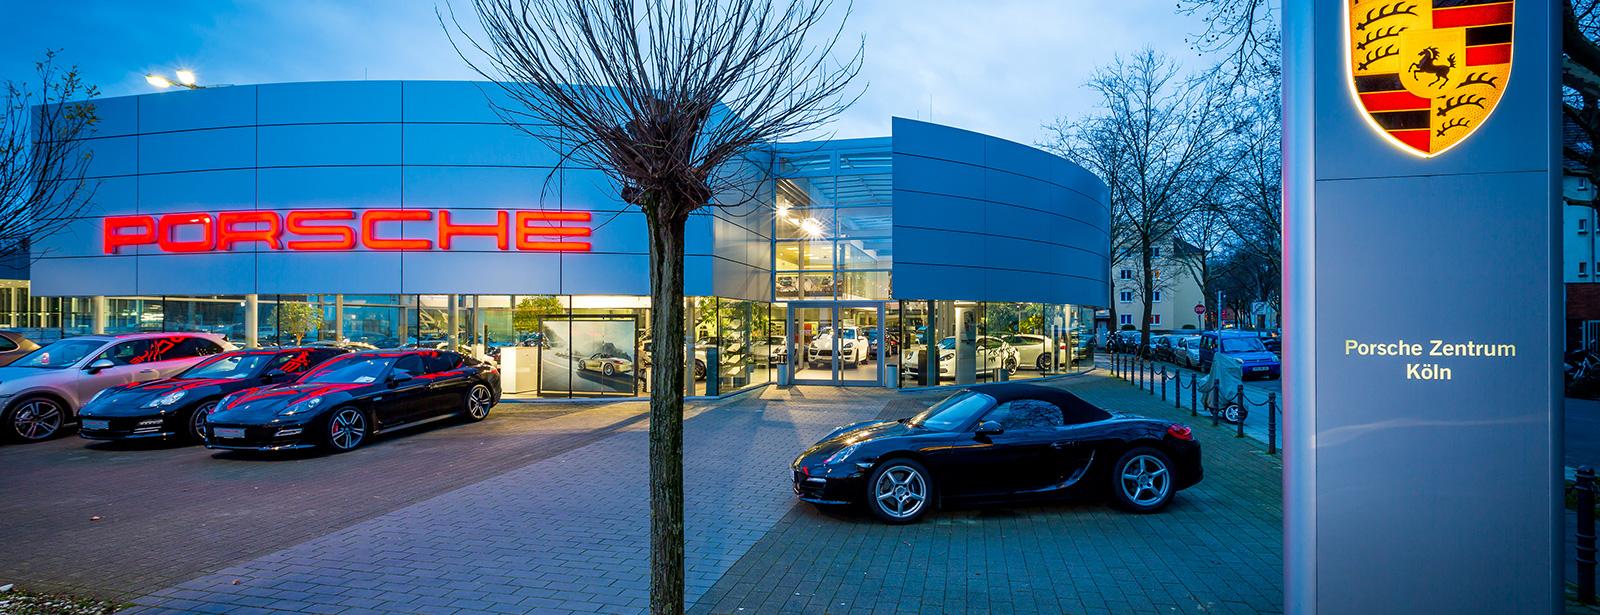 Porsche Centre Köln